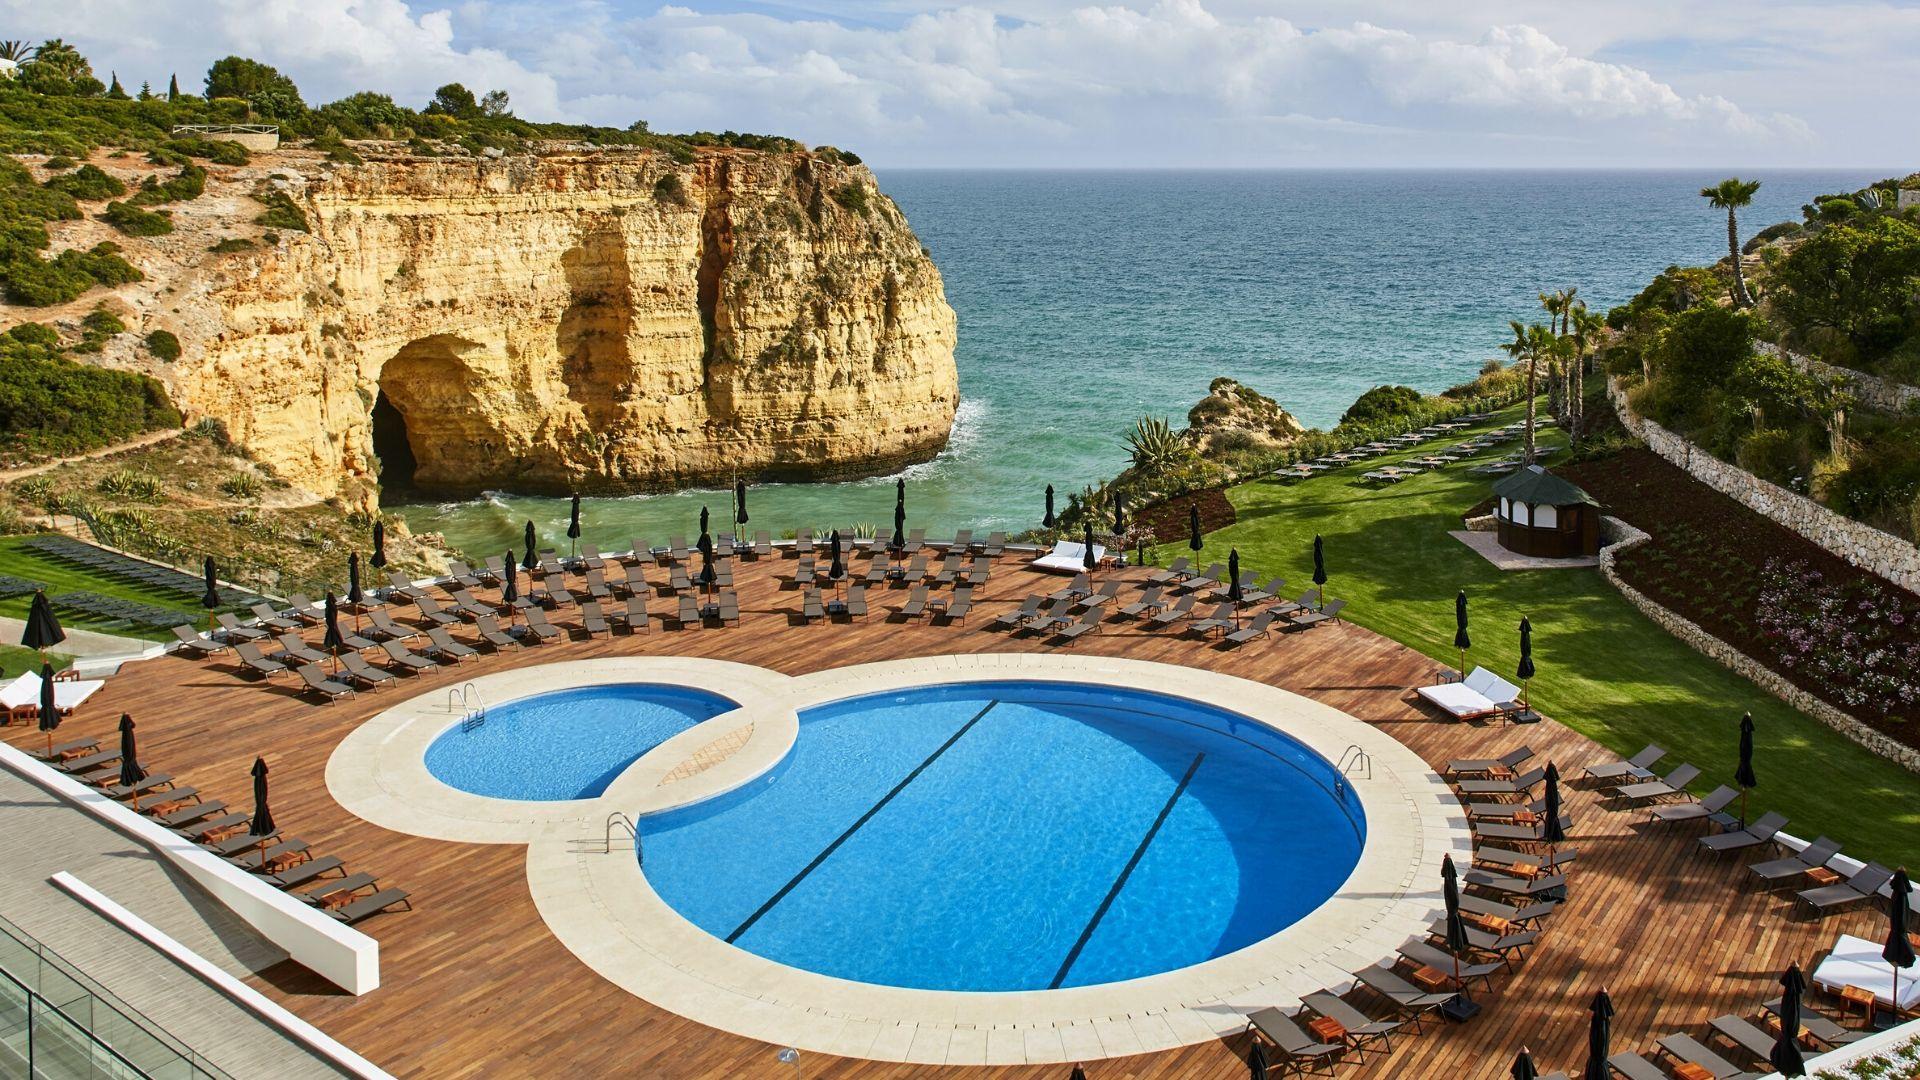 The Escape | Tivoli Carvoeiro Algarve Resort, Portugal